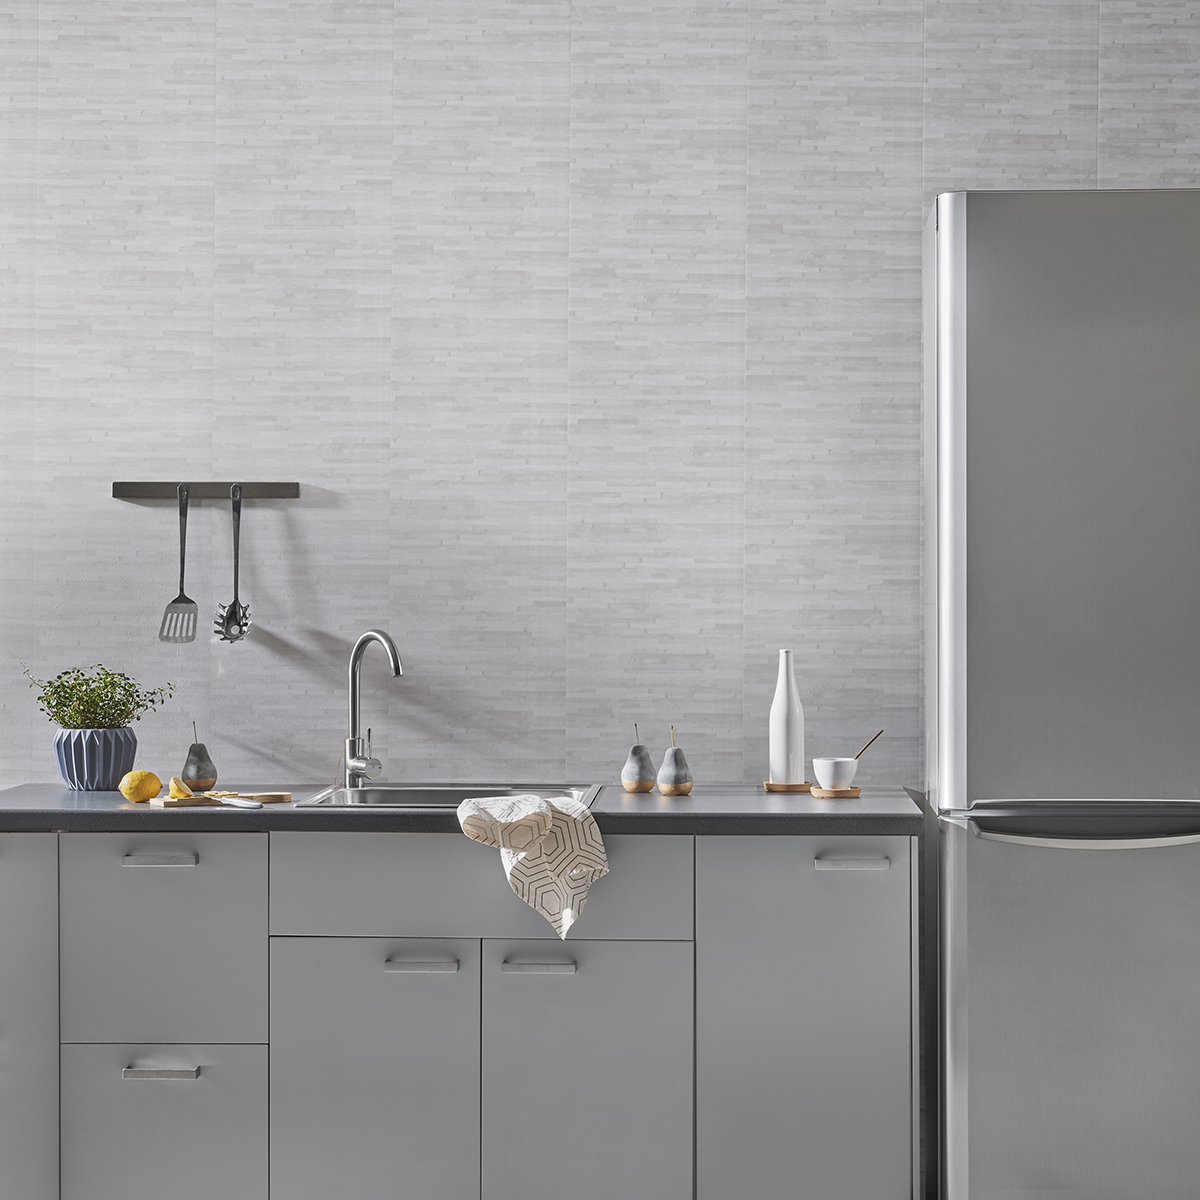 3 bonnes raisons d 39 adopter le lambris pvc frenchy fancy. Black Bedroom Furniture Sets. Home Design Ideas